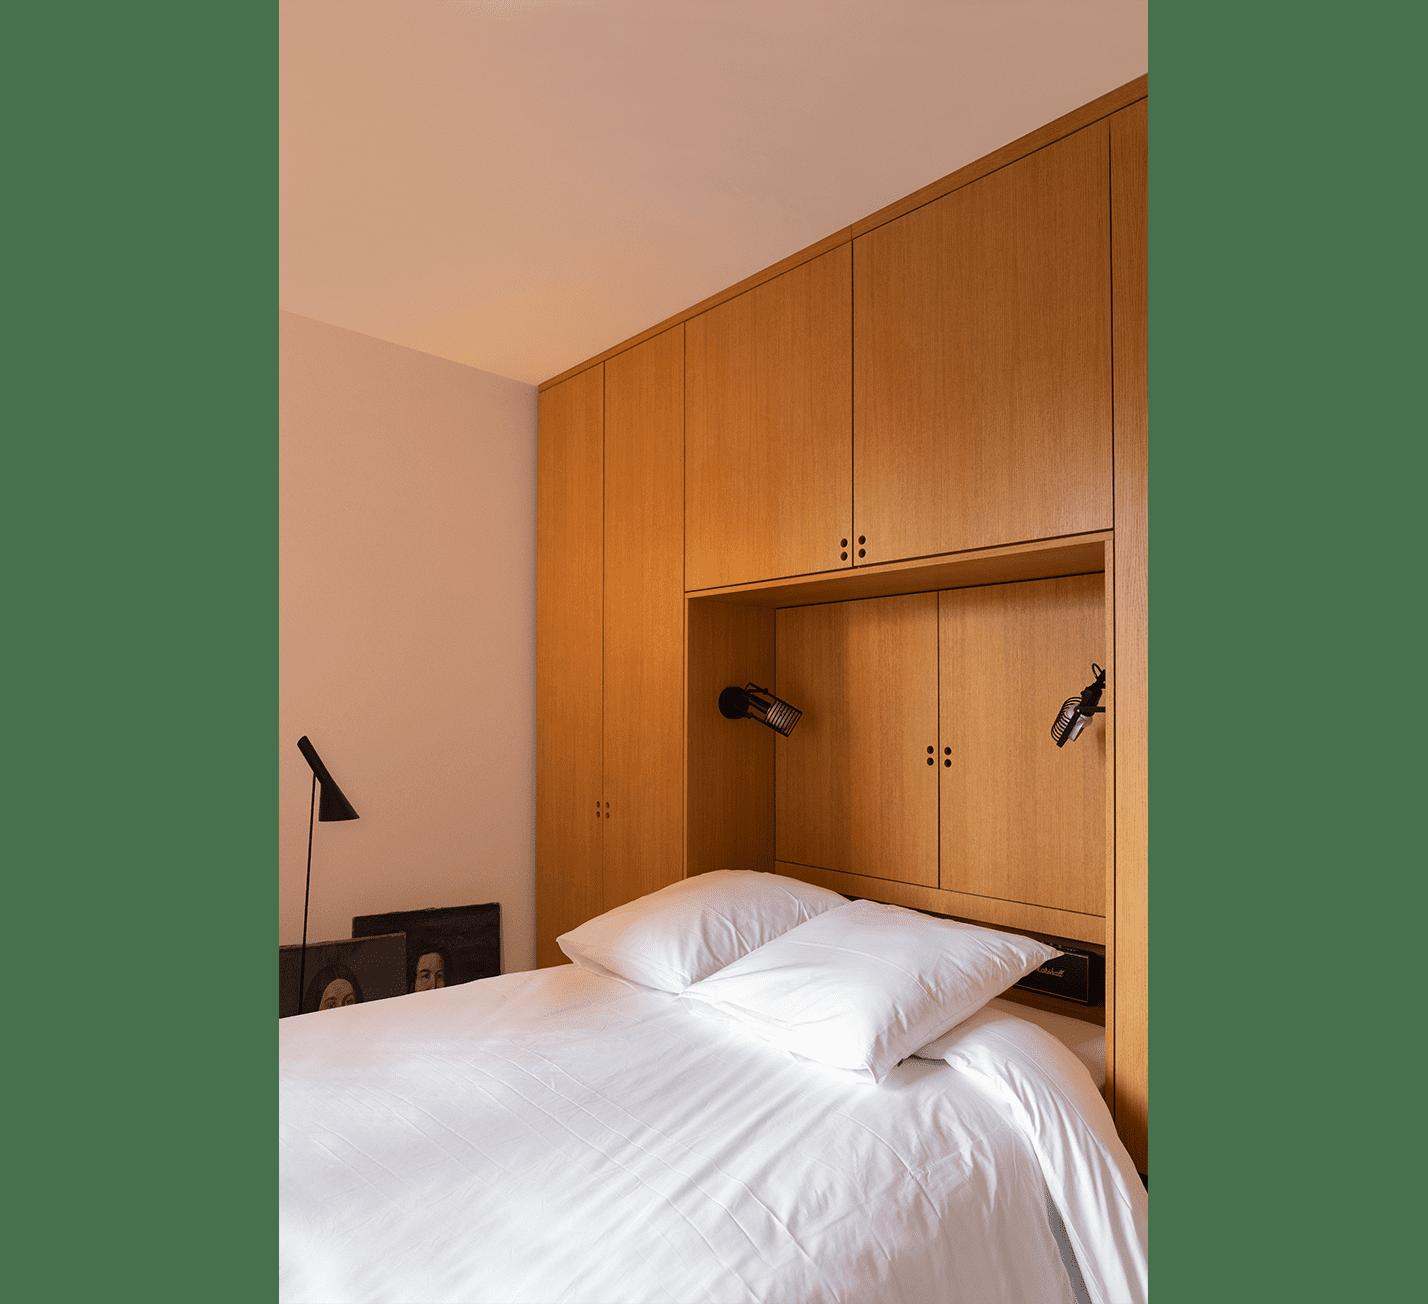 Appartement-Pantin-paris-rénovation-architecture-paris-construction-atelier-steve-pauline-borgia-7